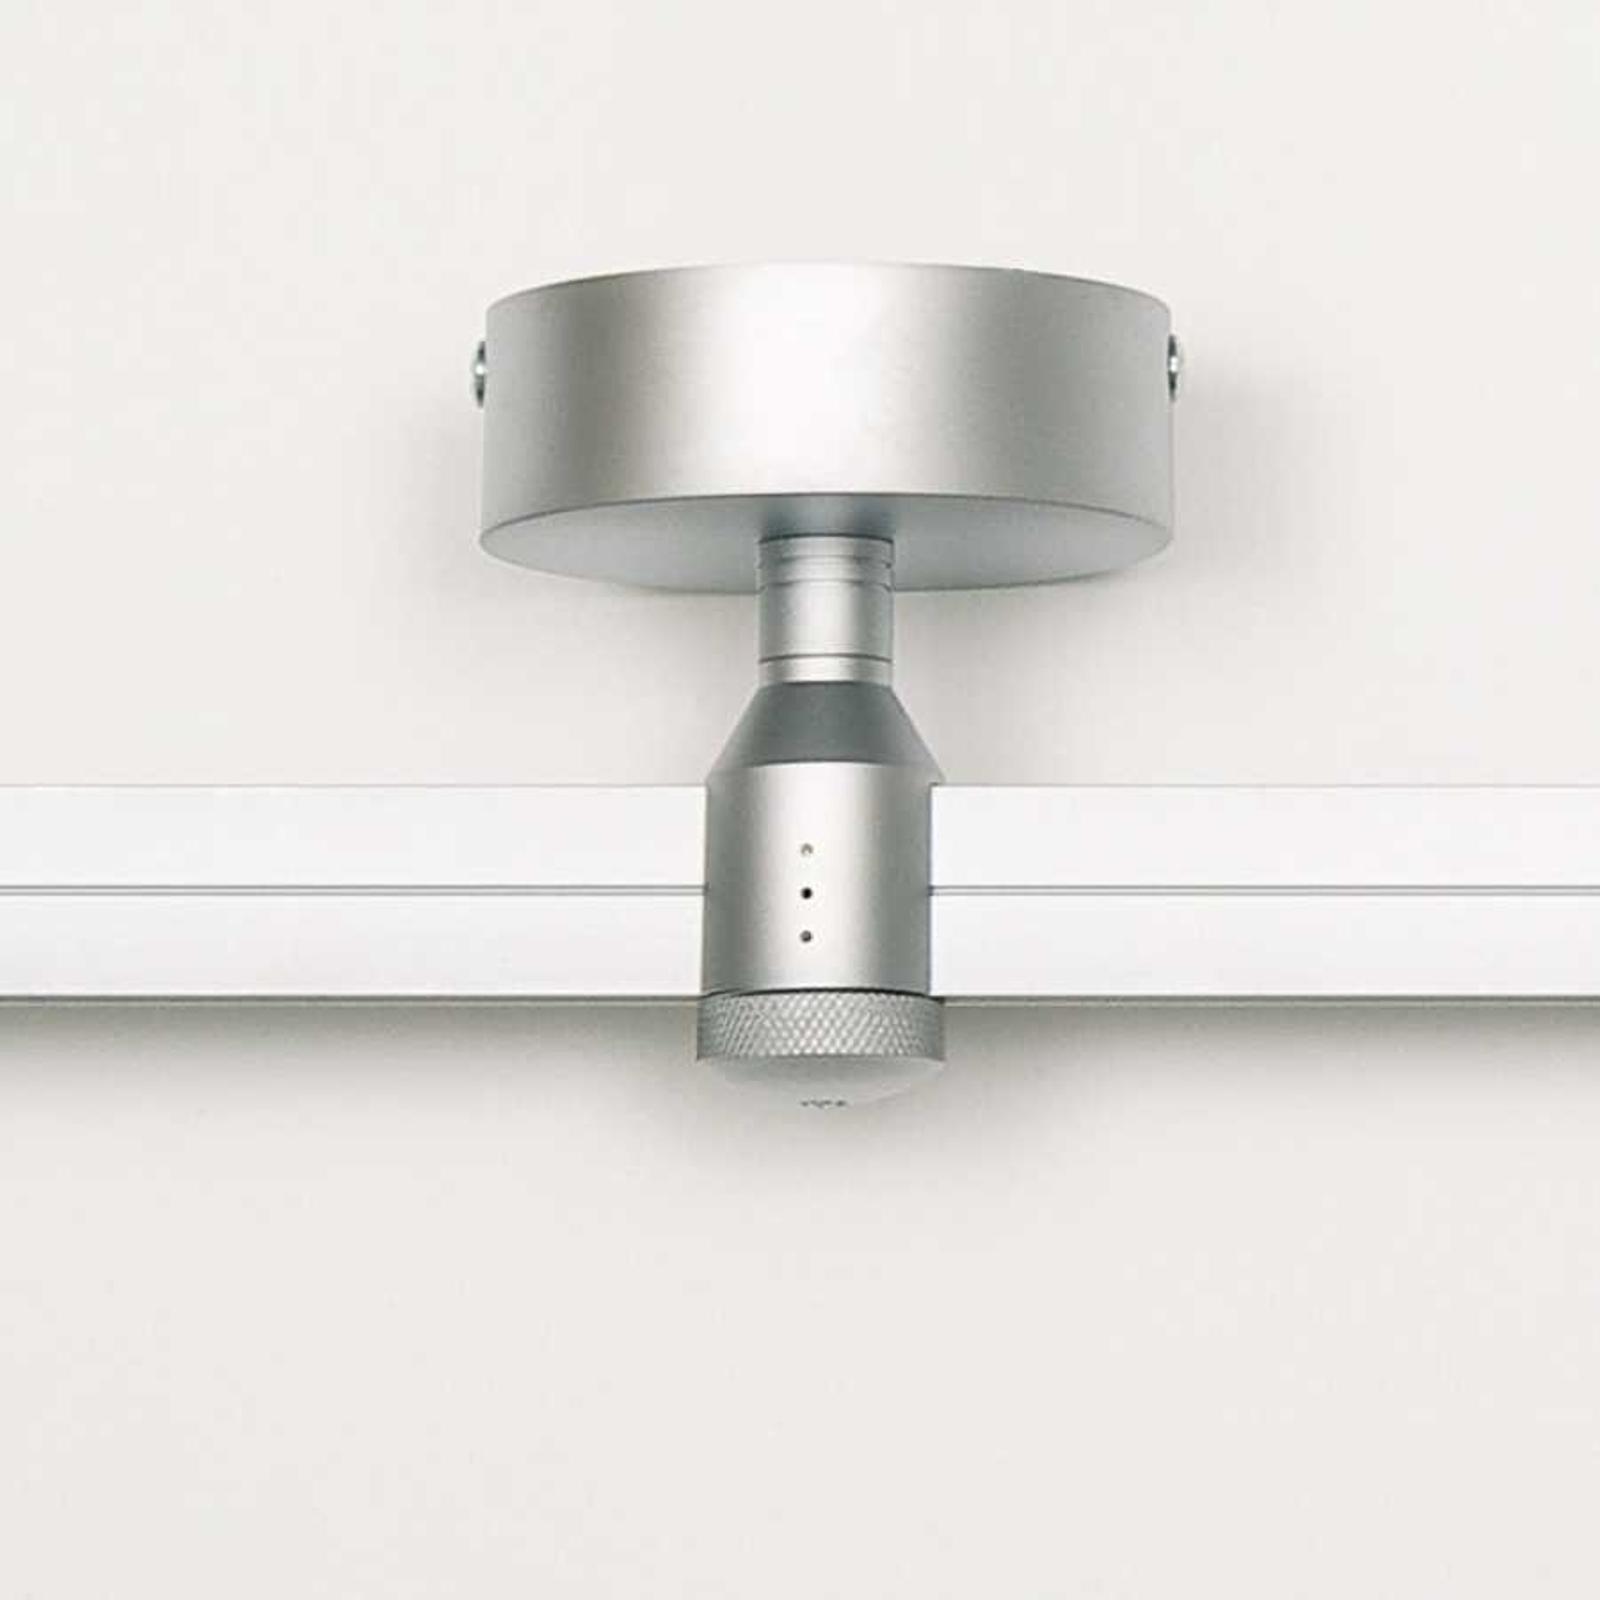 OLIGO Check-In alimentazione soffitto 5 cm